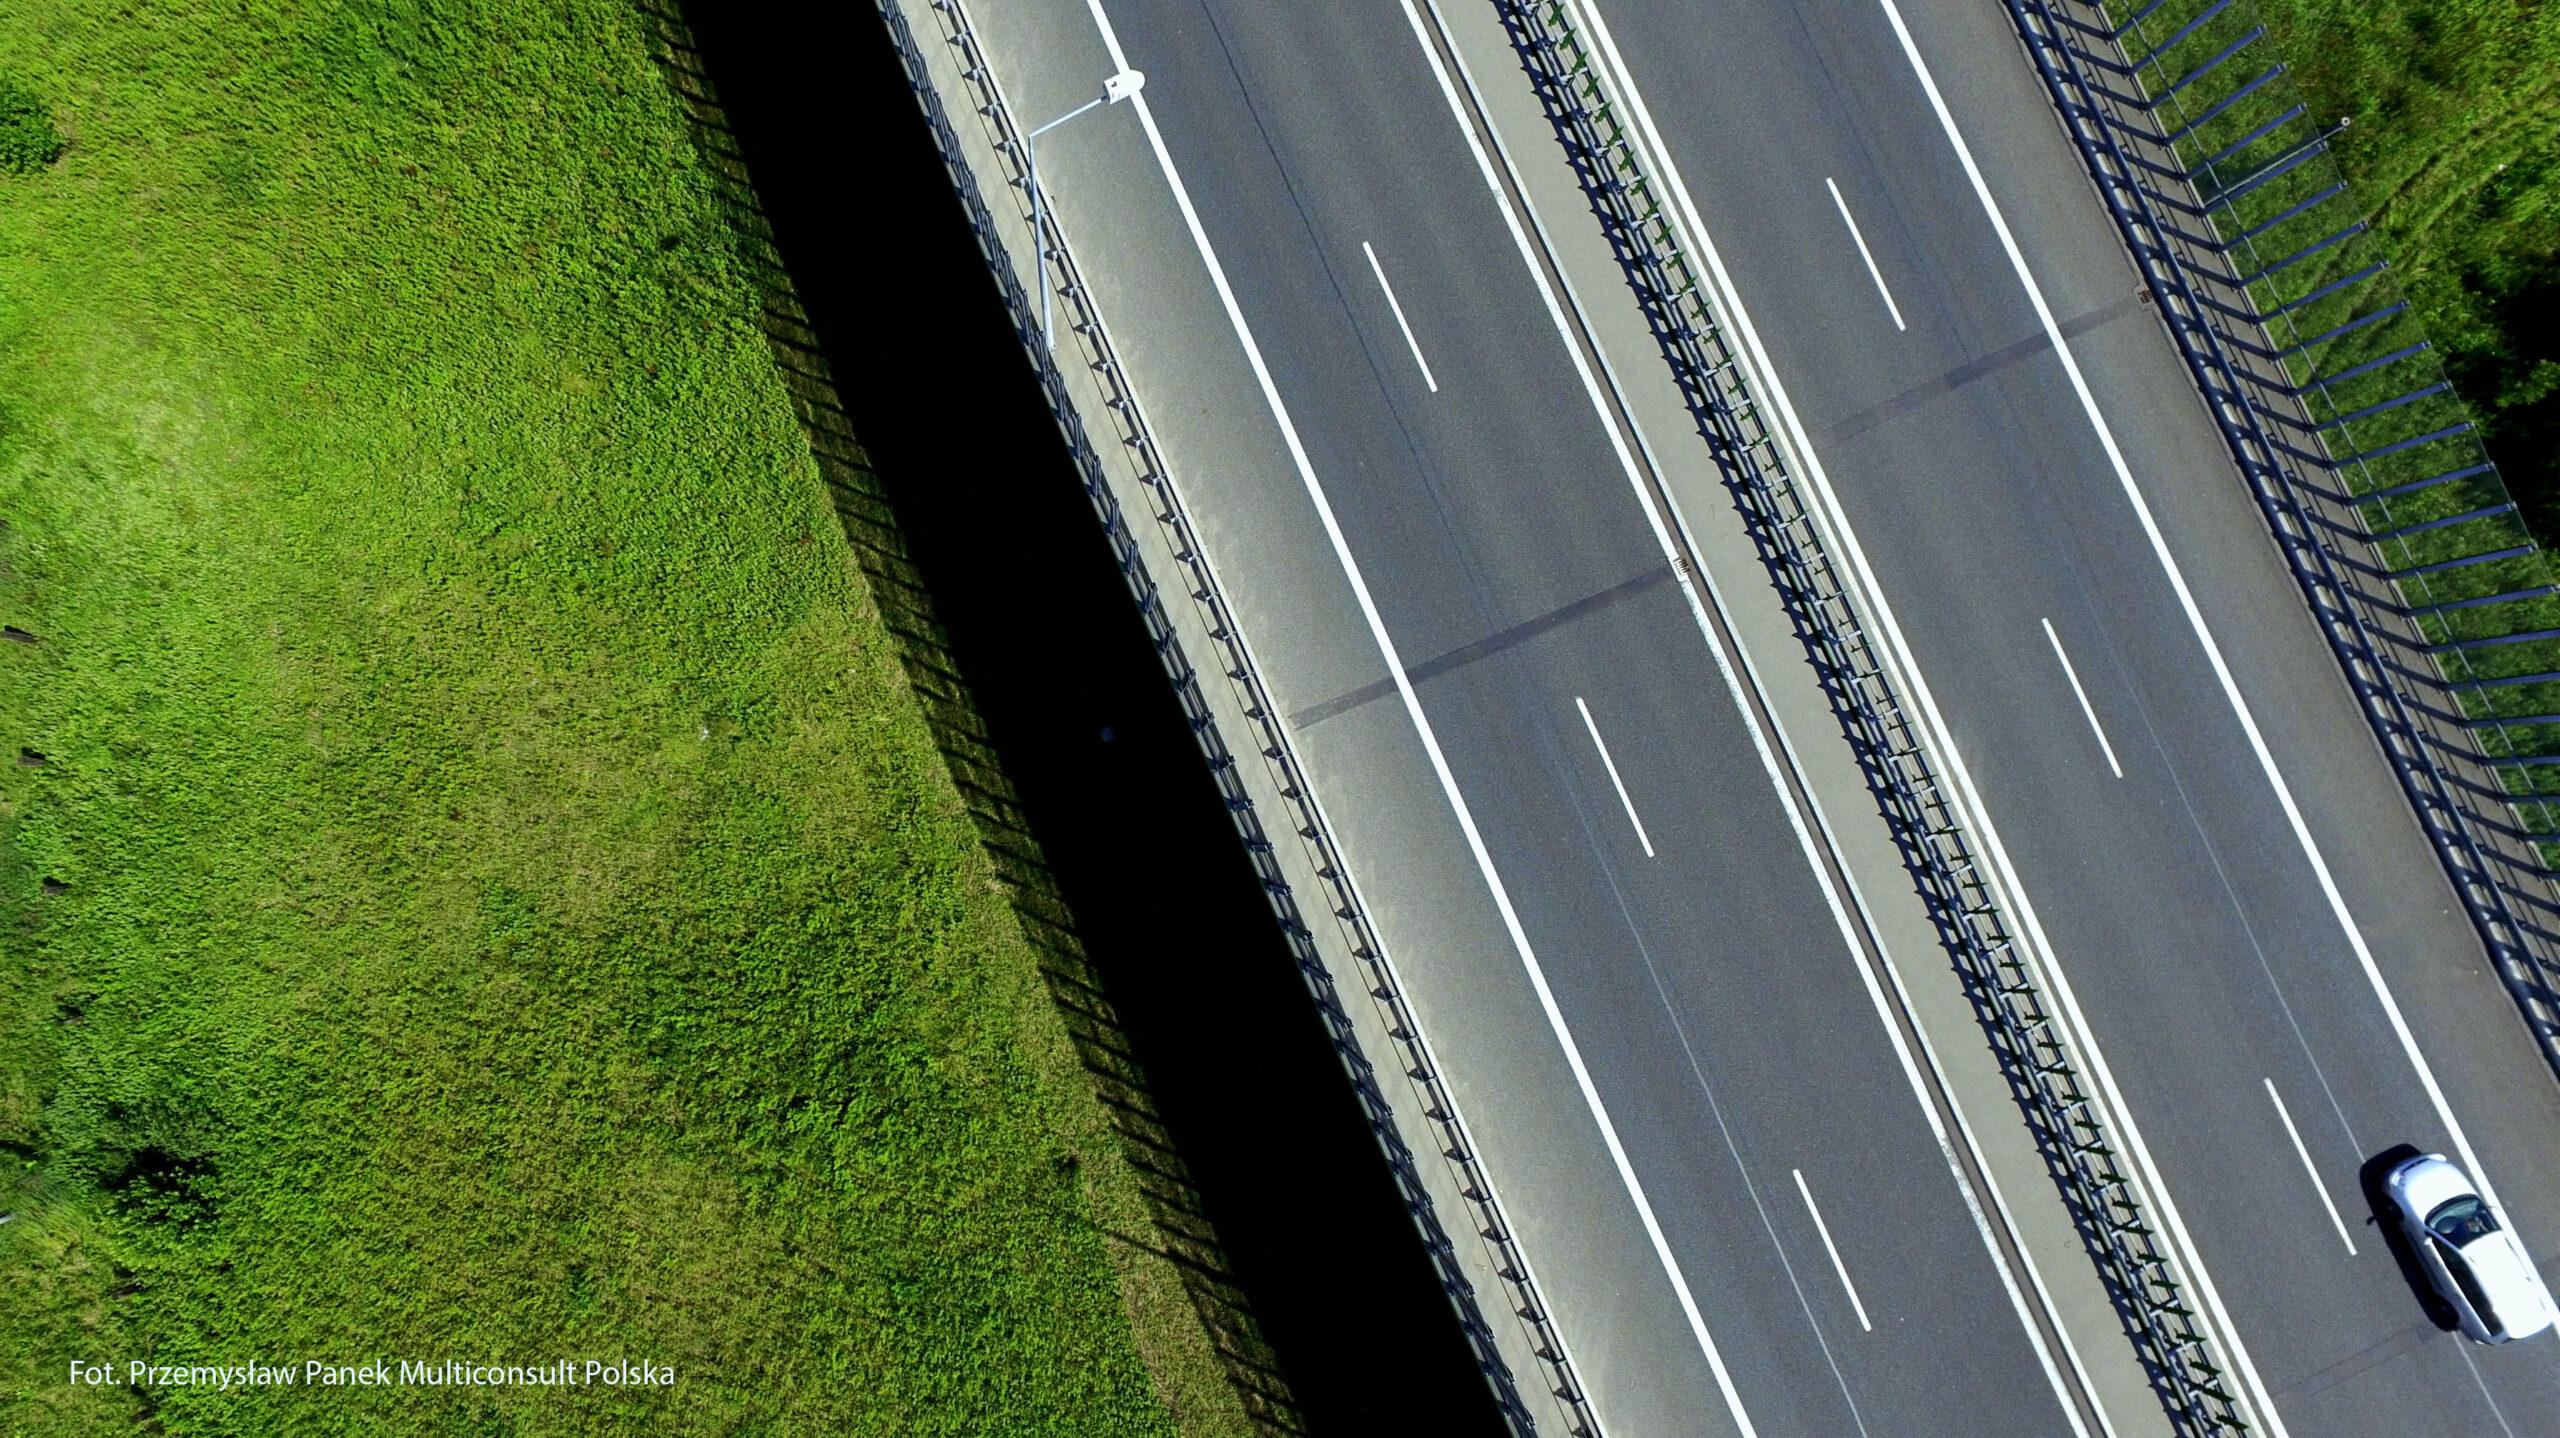 Multiconsult Polska zaangażowana w projektowanie autostrady A2